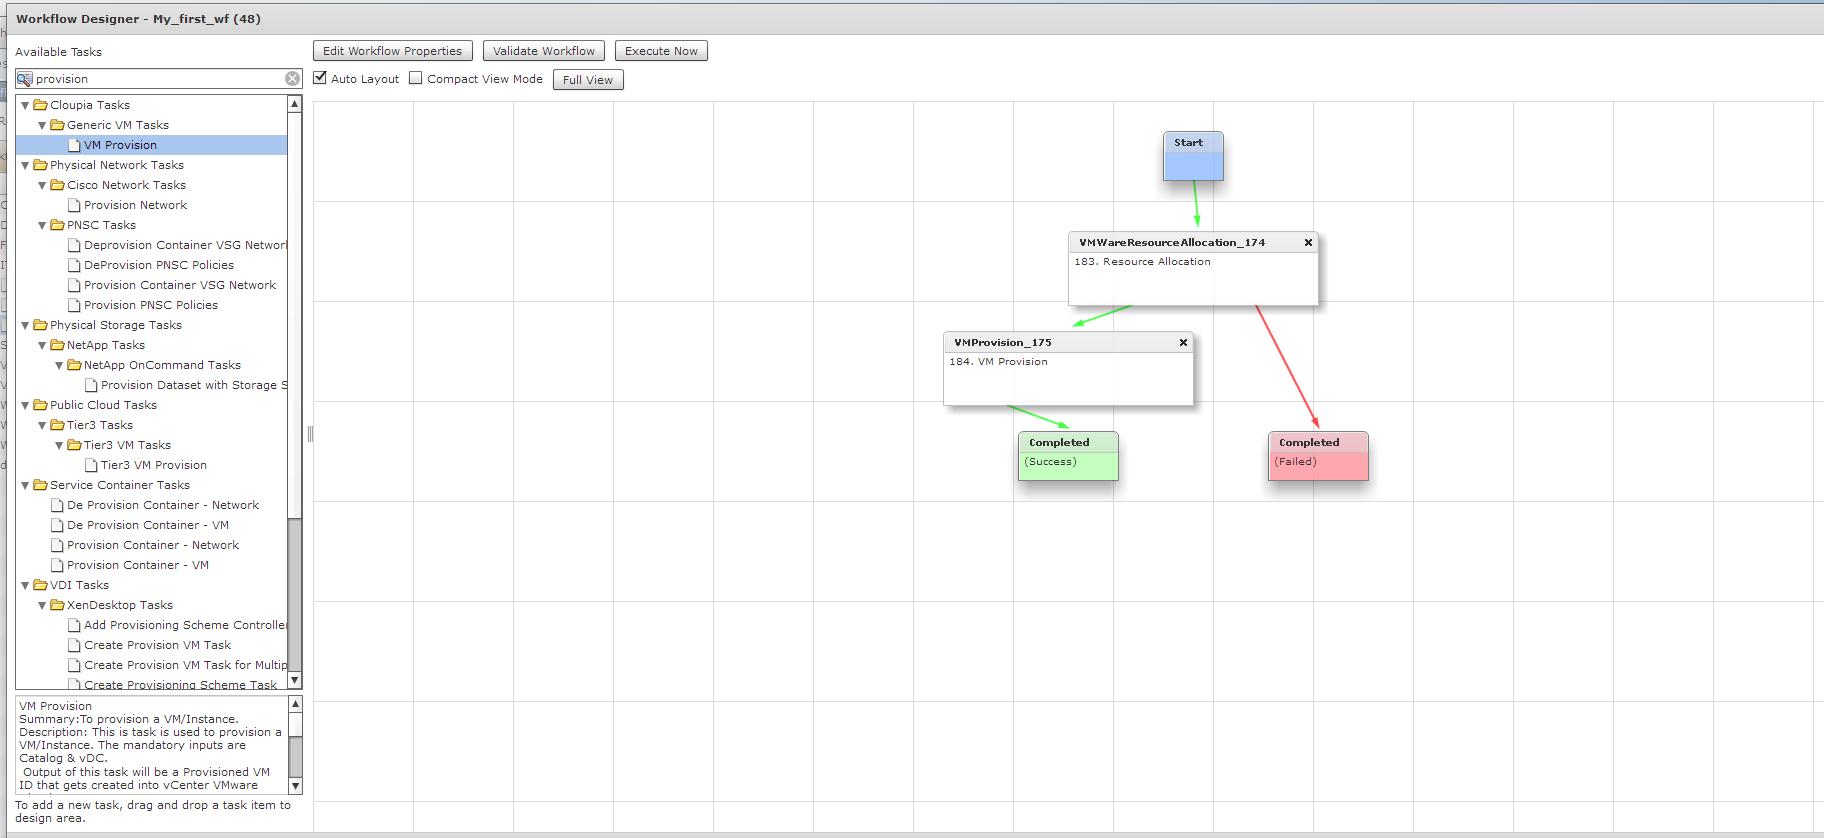 Связка таска с другими элементами Workflow